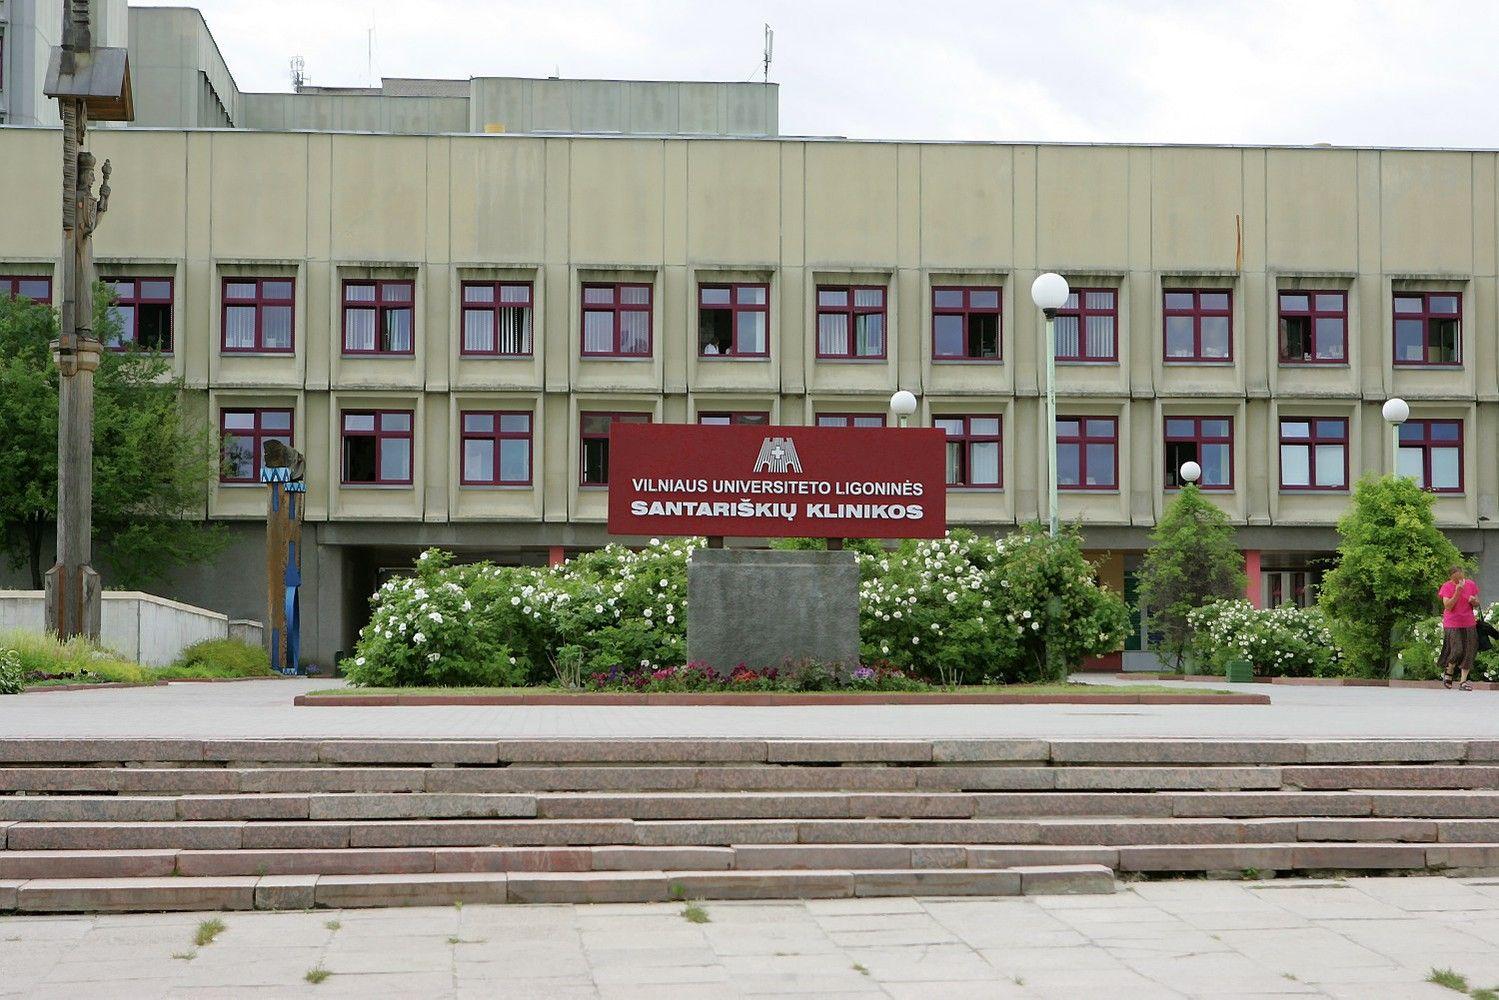 Keičiamas Santariškių klinikų pavadinimas